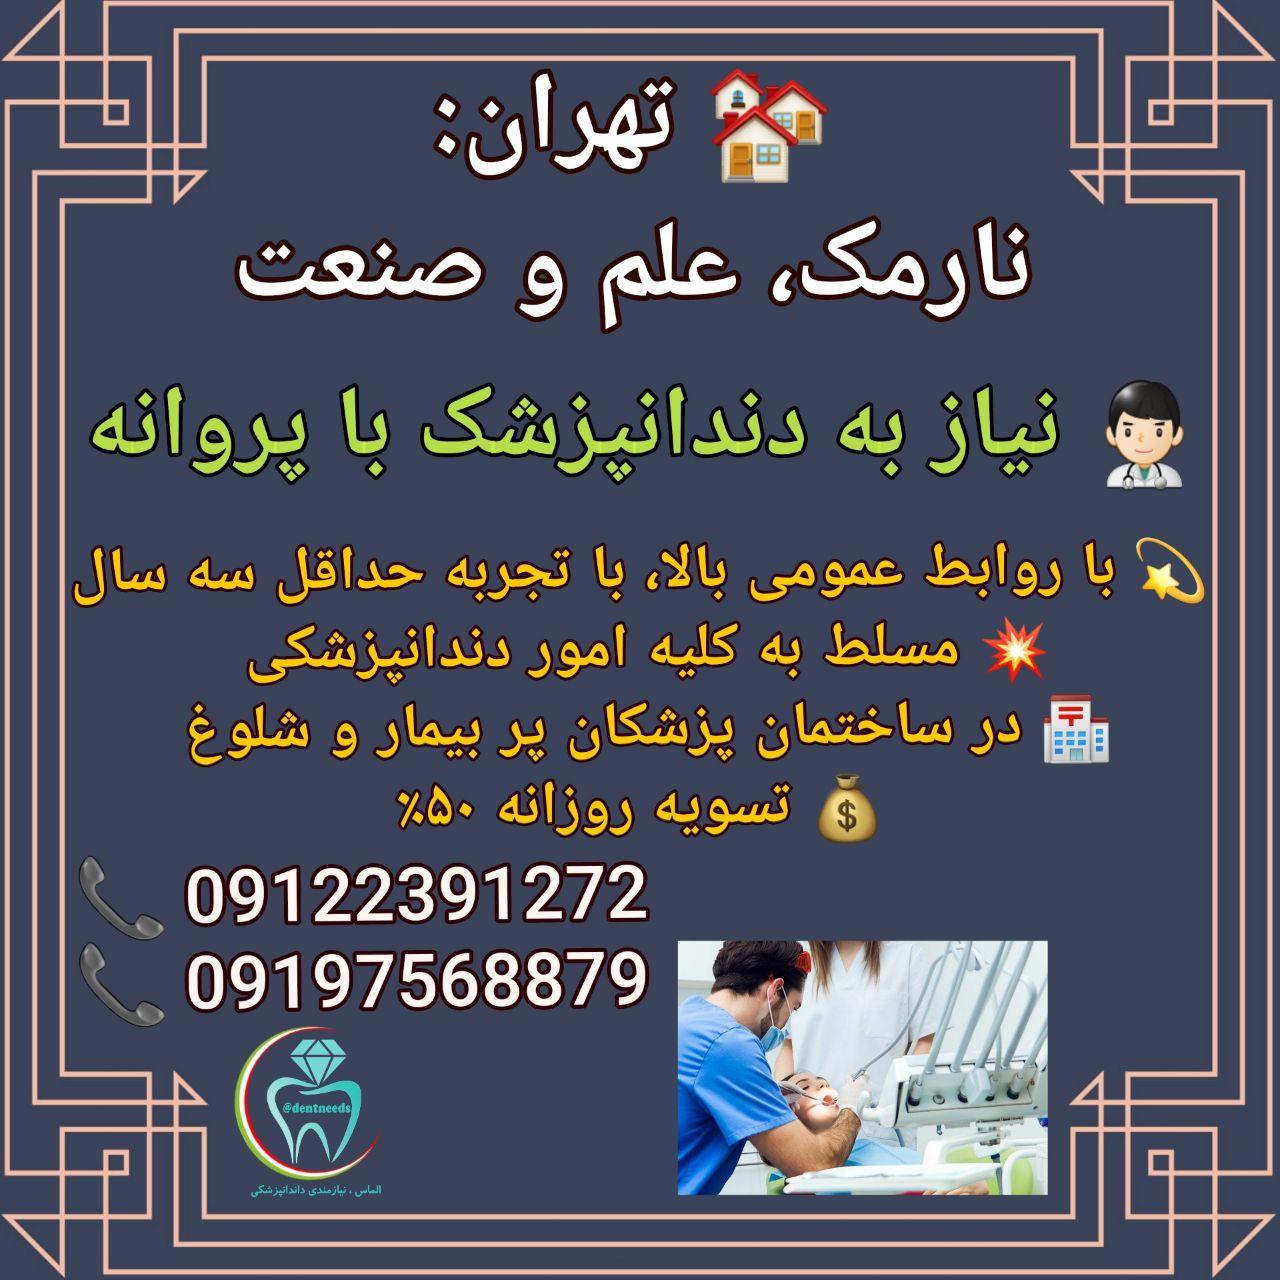 تهران: نارمک، علم و صنعت، نیاز به دندانپزشک دارای پروانه